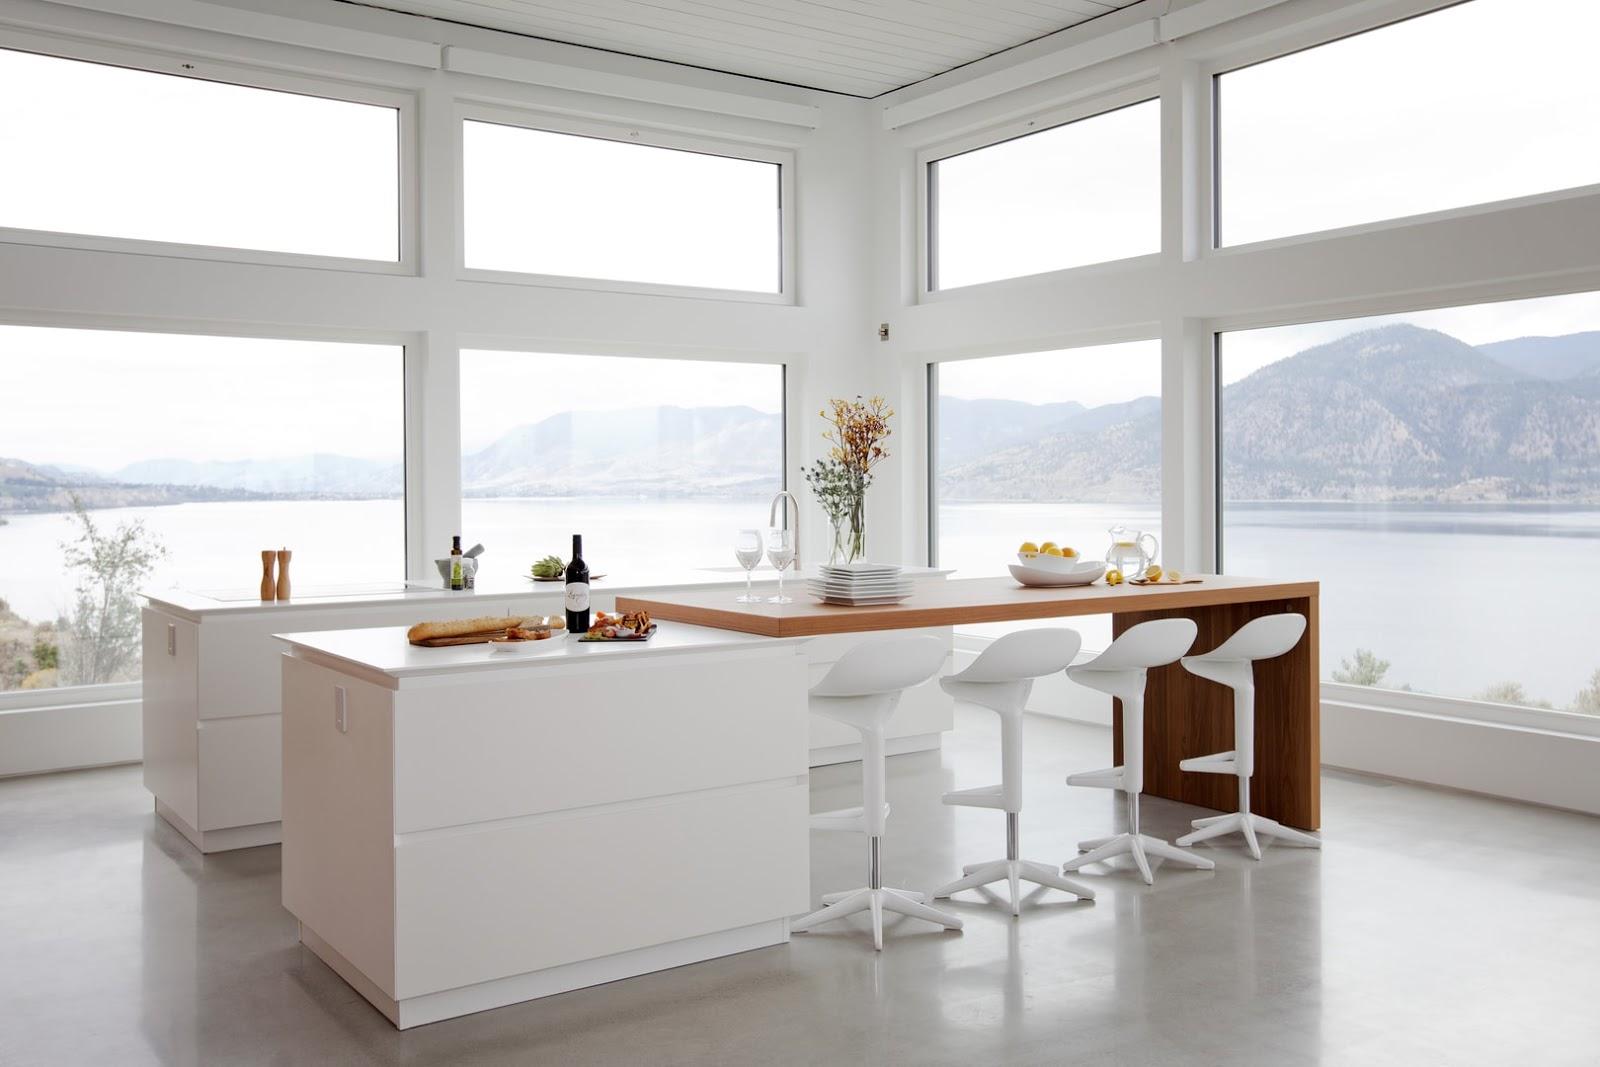 Dise ada tambi n para aprovechar y disfrutar las vistas for Color credence cocina blanca